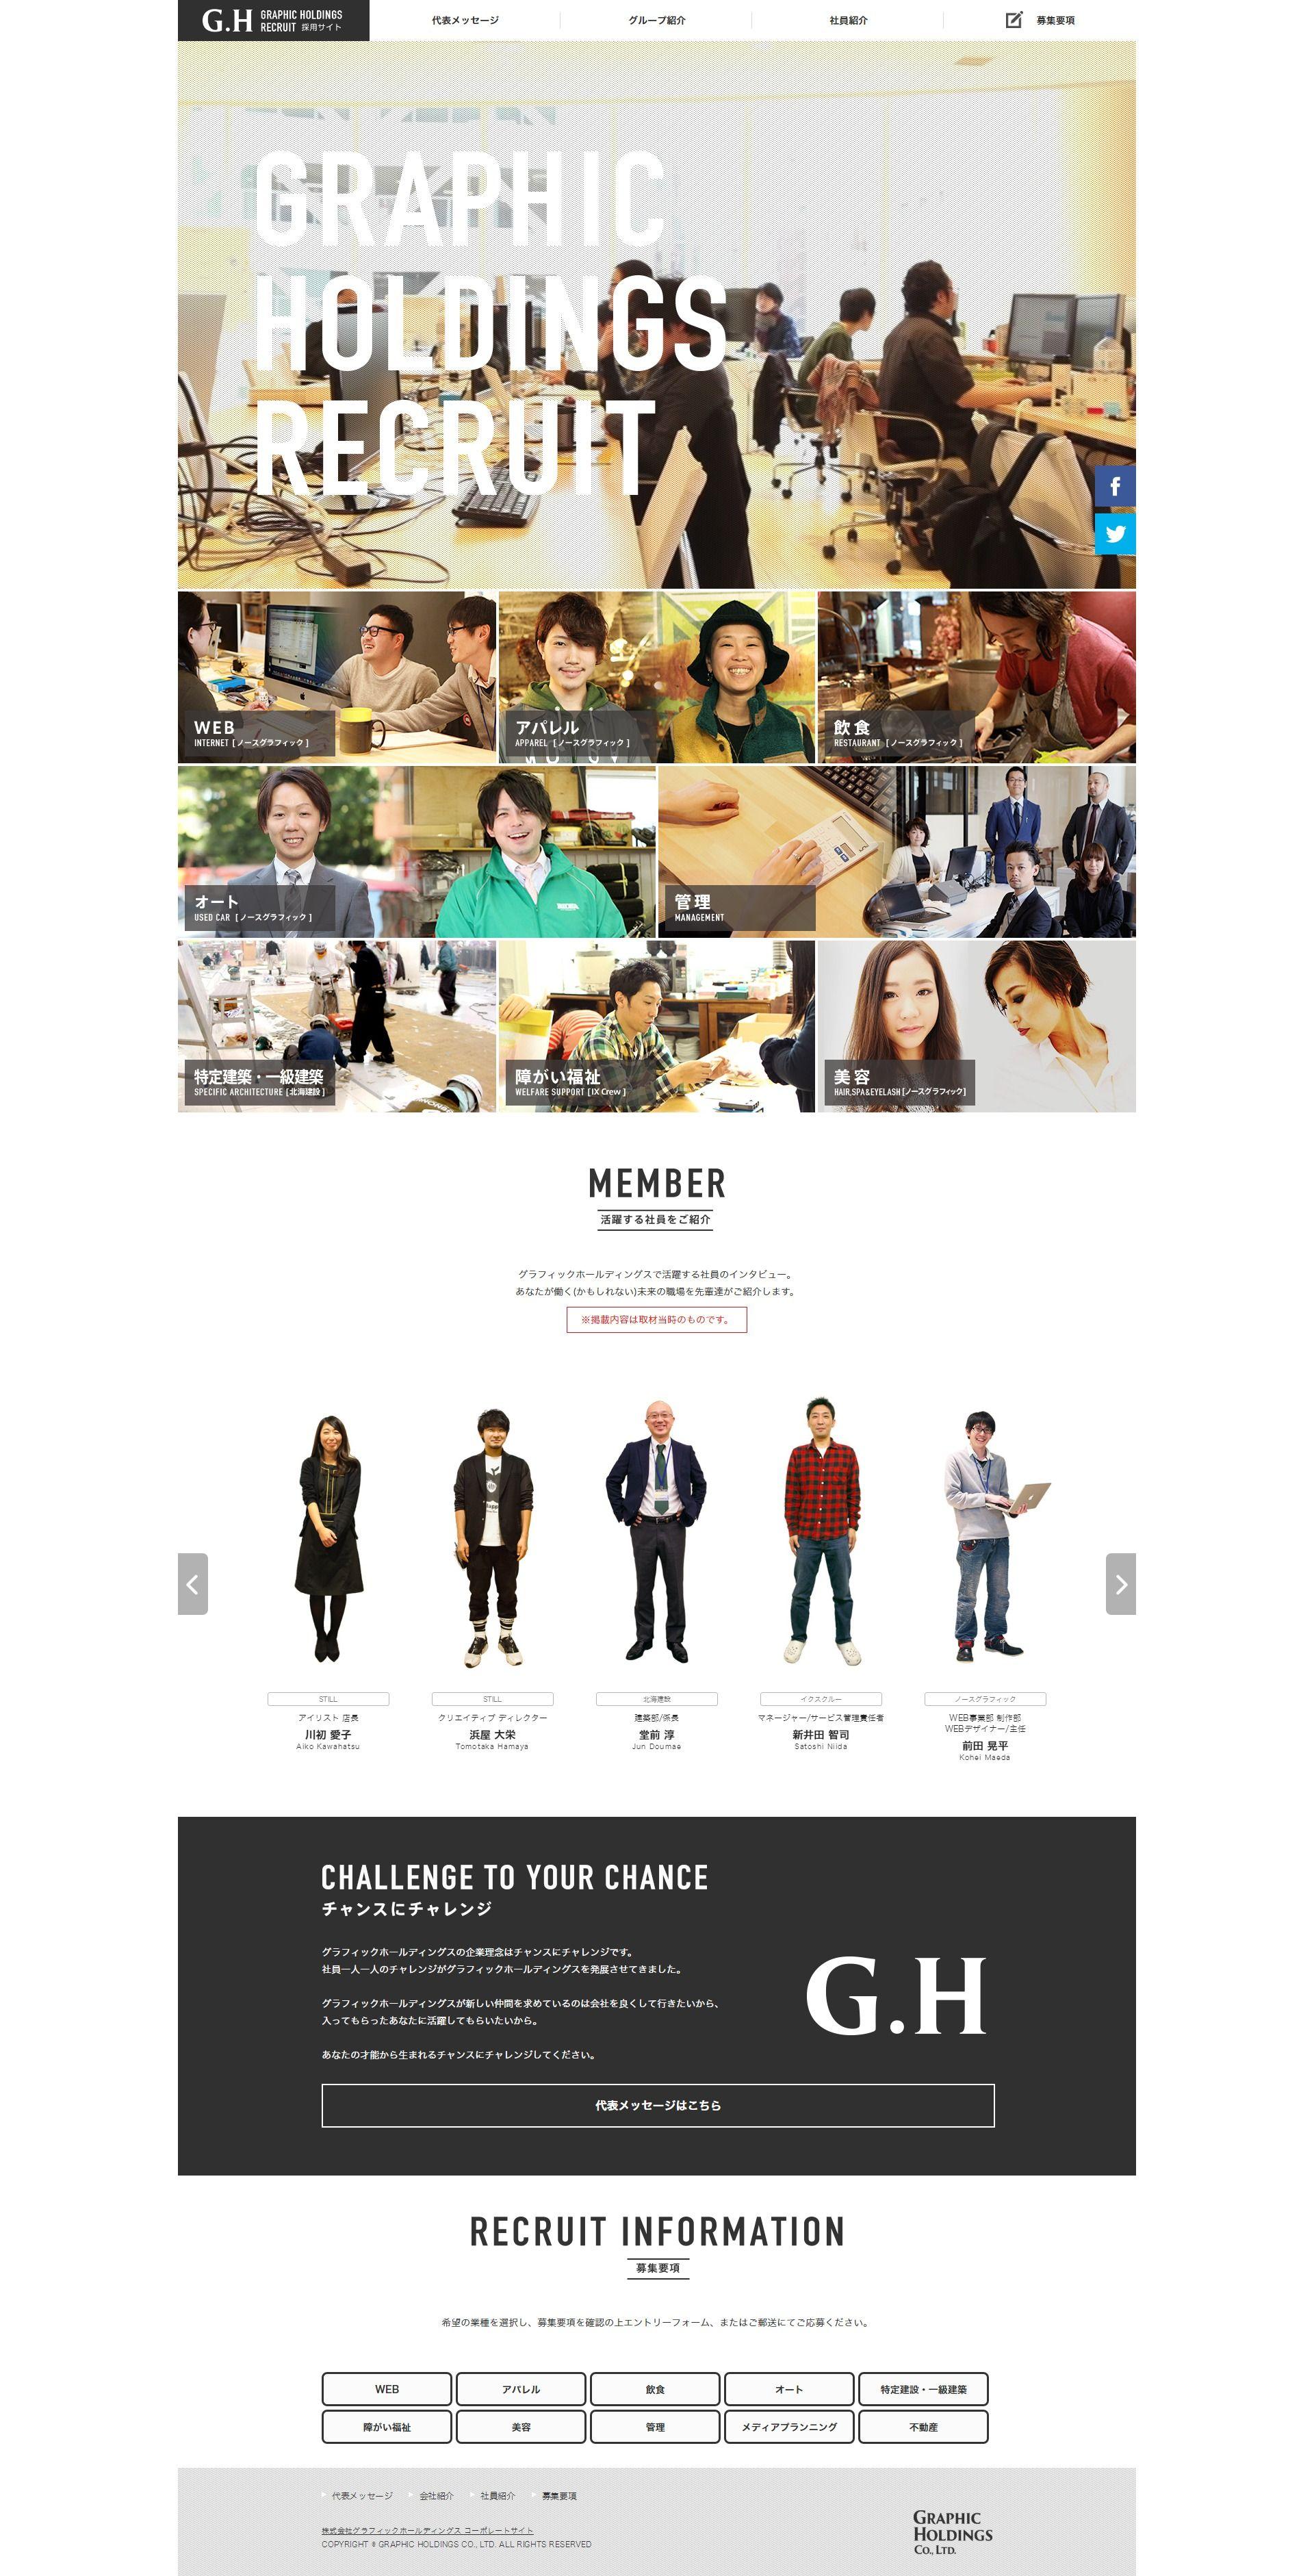 Web おしゃれまとめの人気アイデア Pinterest なぎさ Lp デザイン パンフレット デザイン コーポレートサイト デザイン